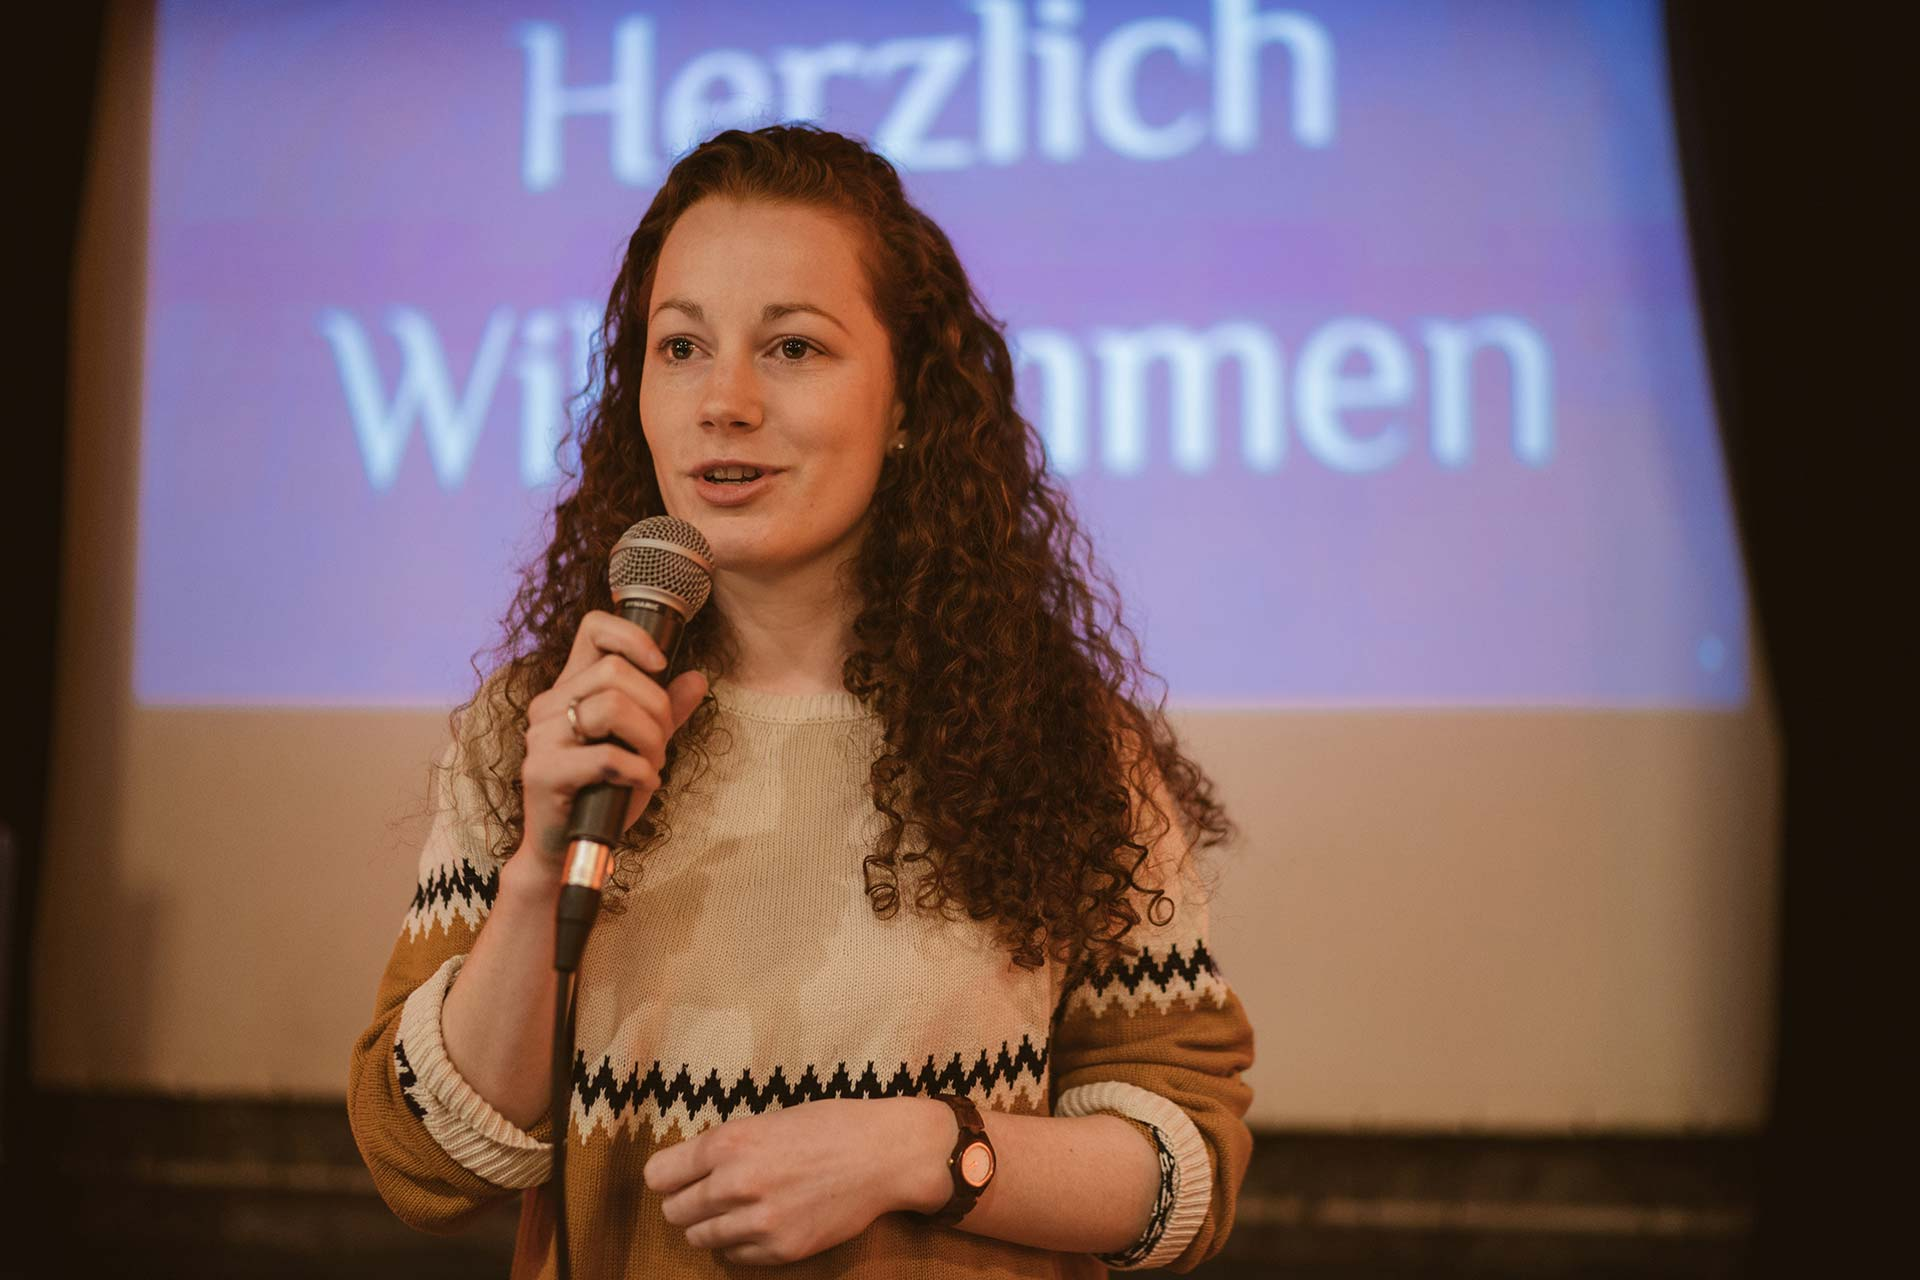 Julia Söhne am Wahlabend der OB-Wahl 2018 in Freiburg